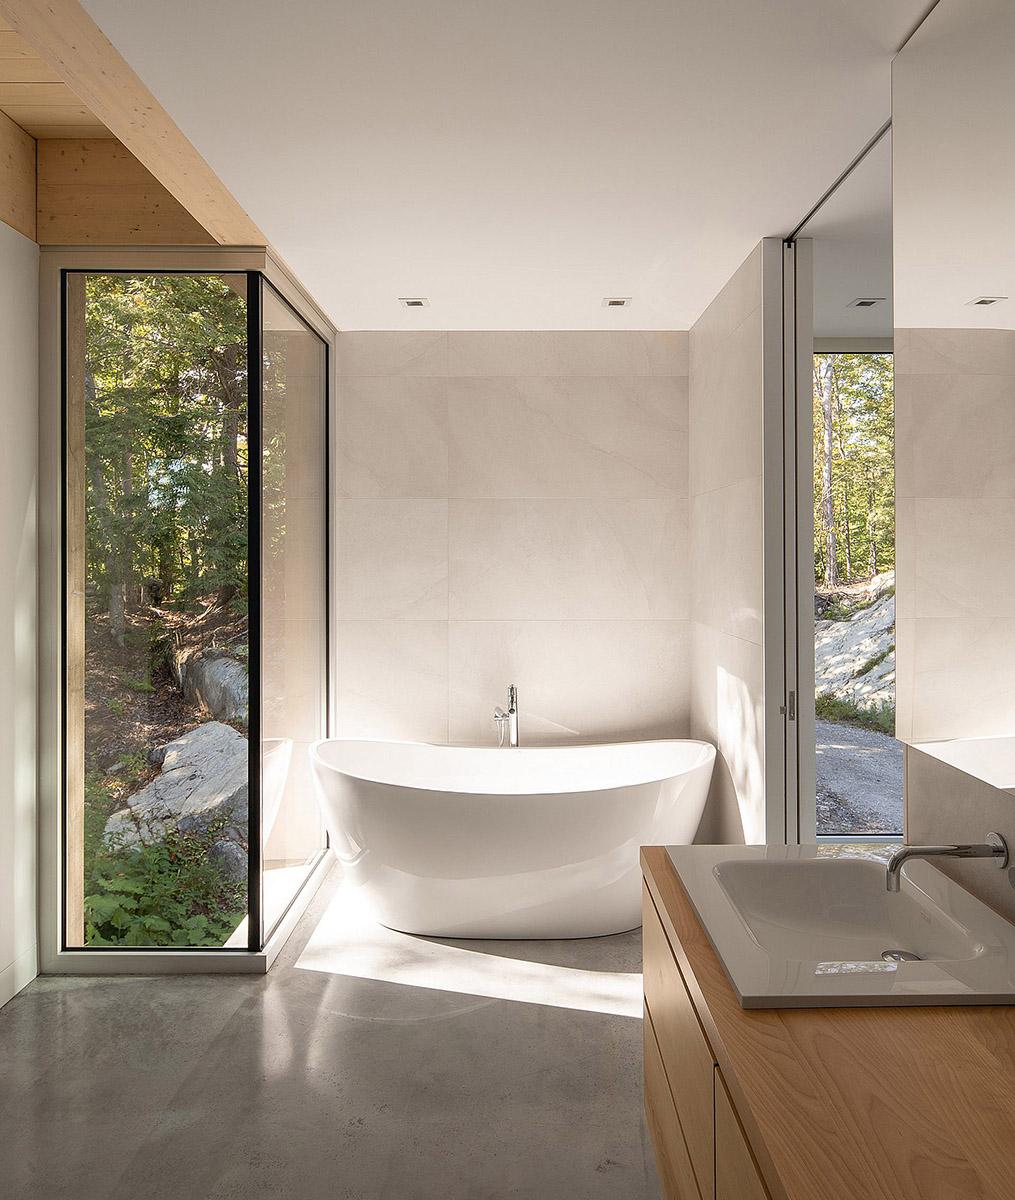 Forest-House-Natalie-Dionne-Architecture-Raphael-Thibodeau-07